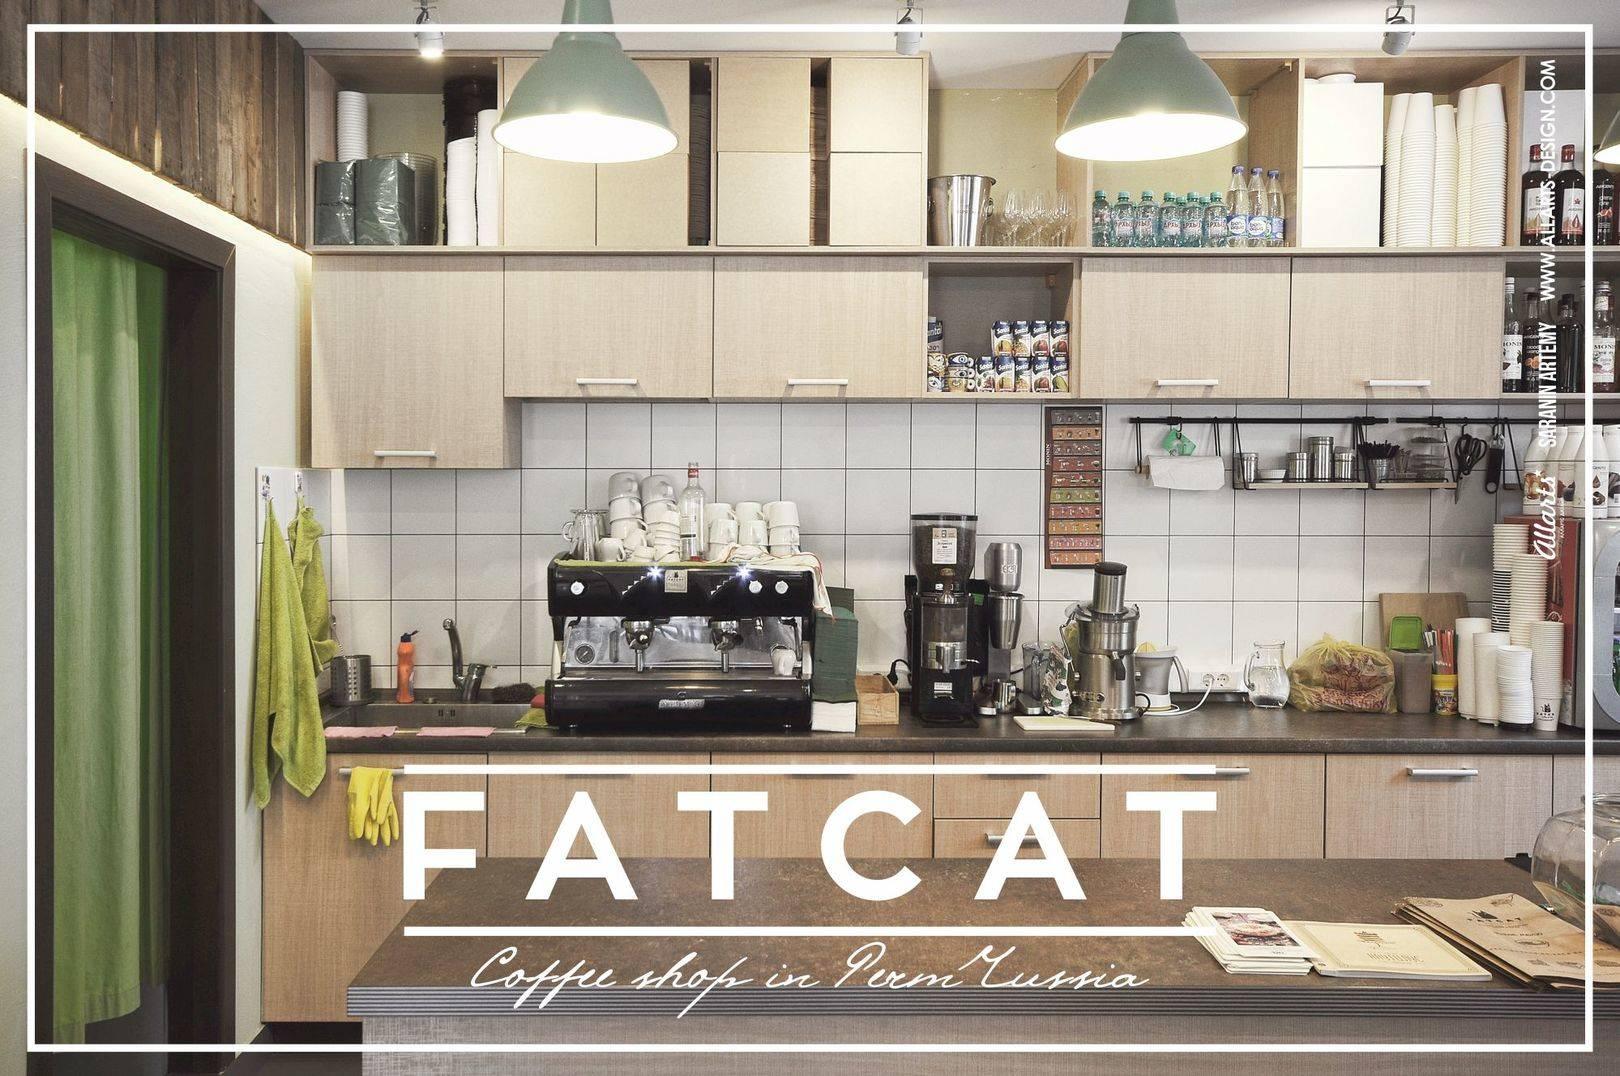 Дизайн интерьера кофейни Fatcat